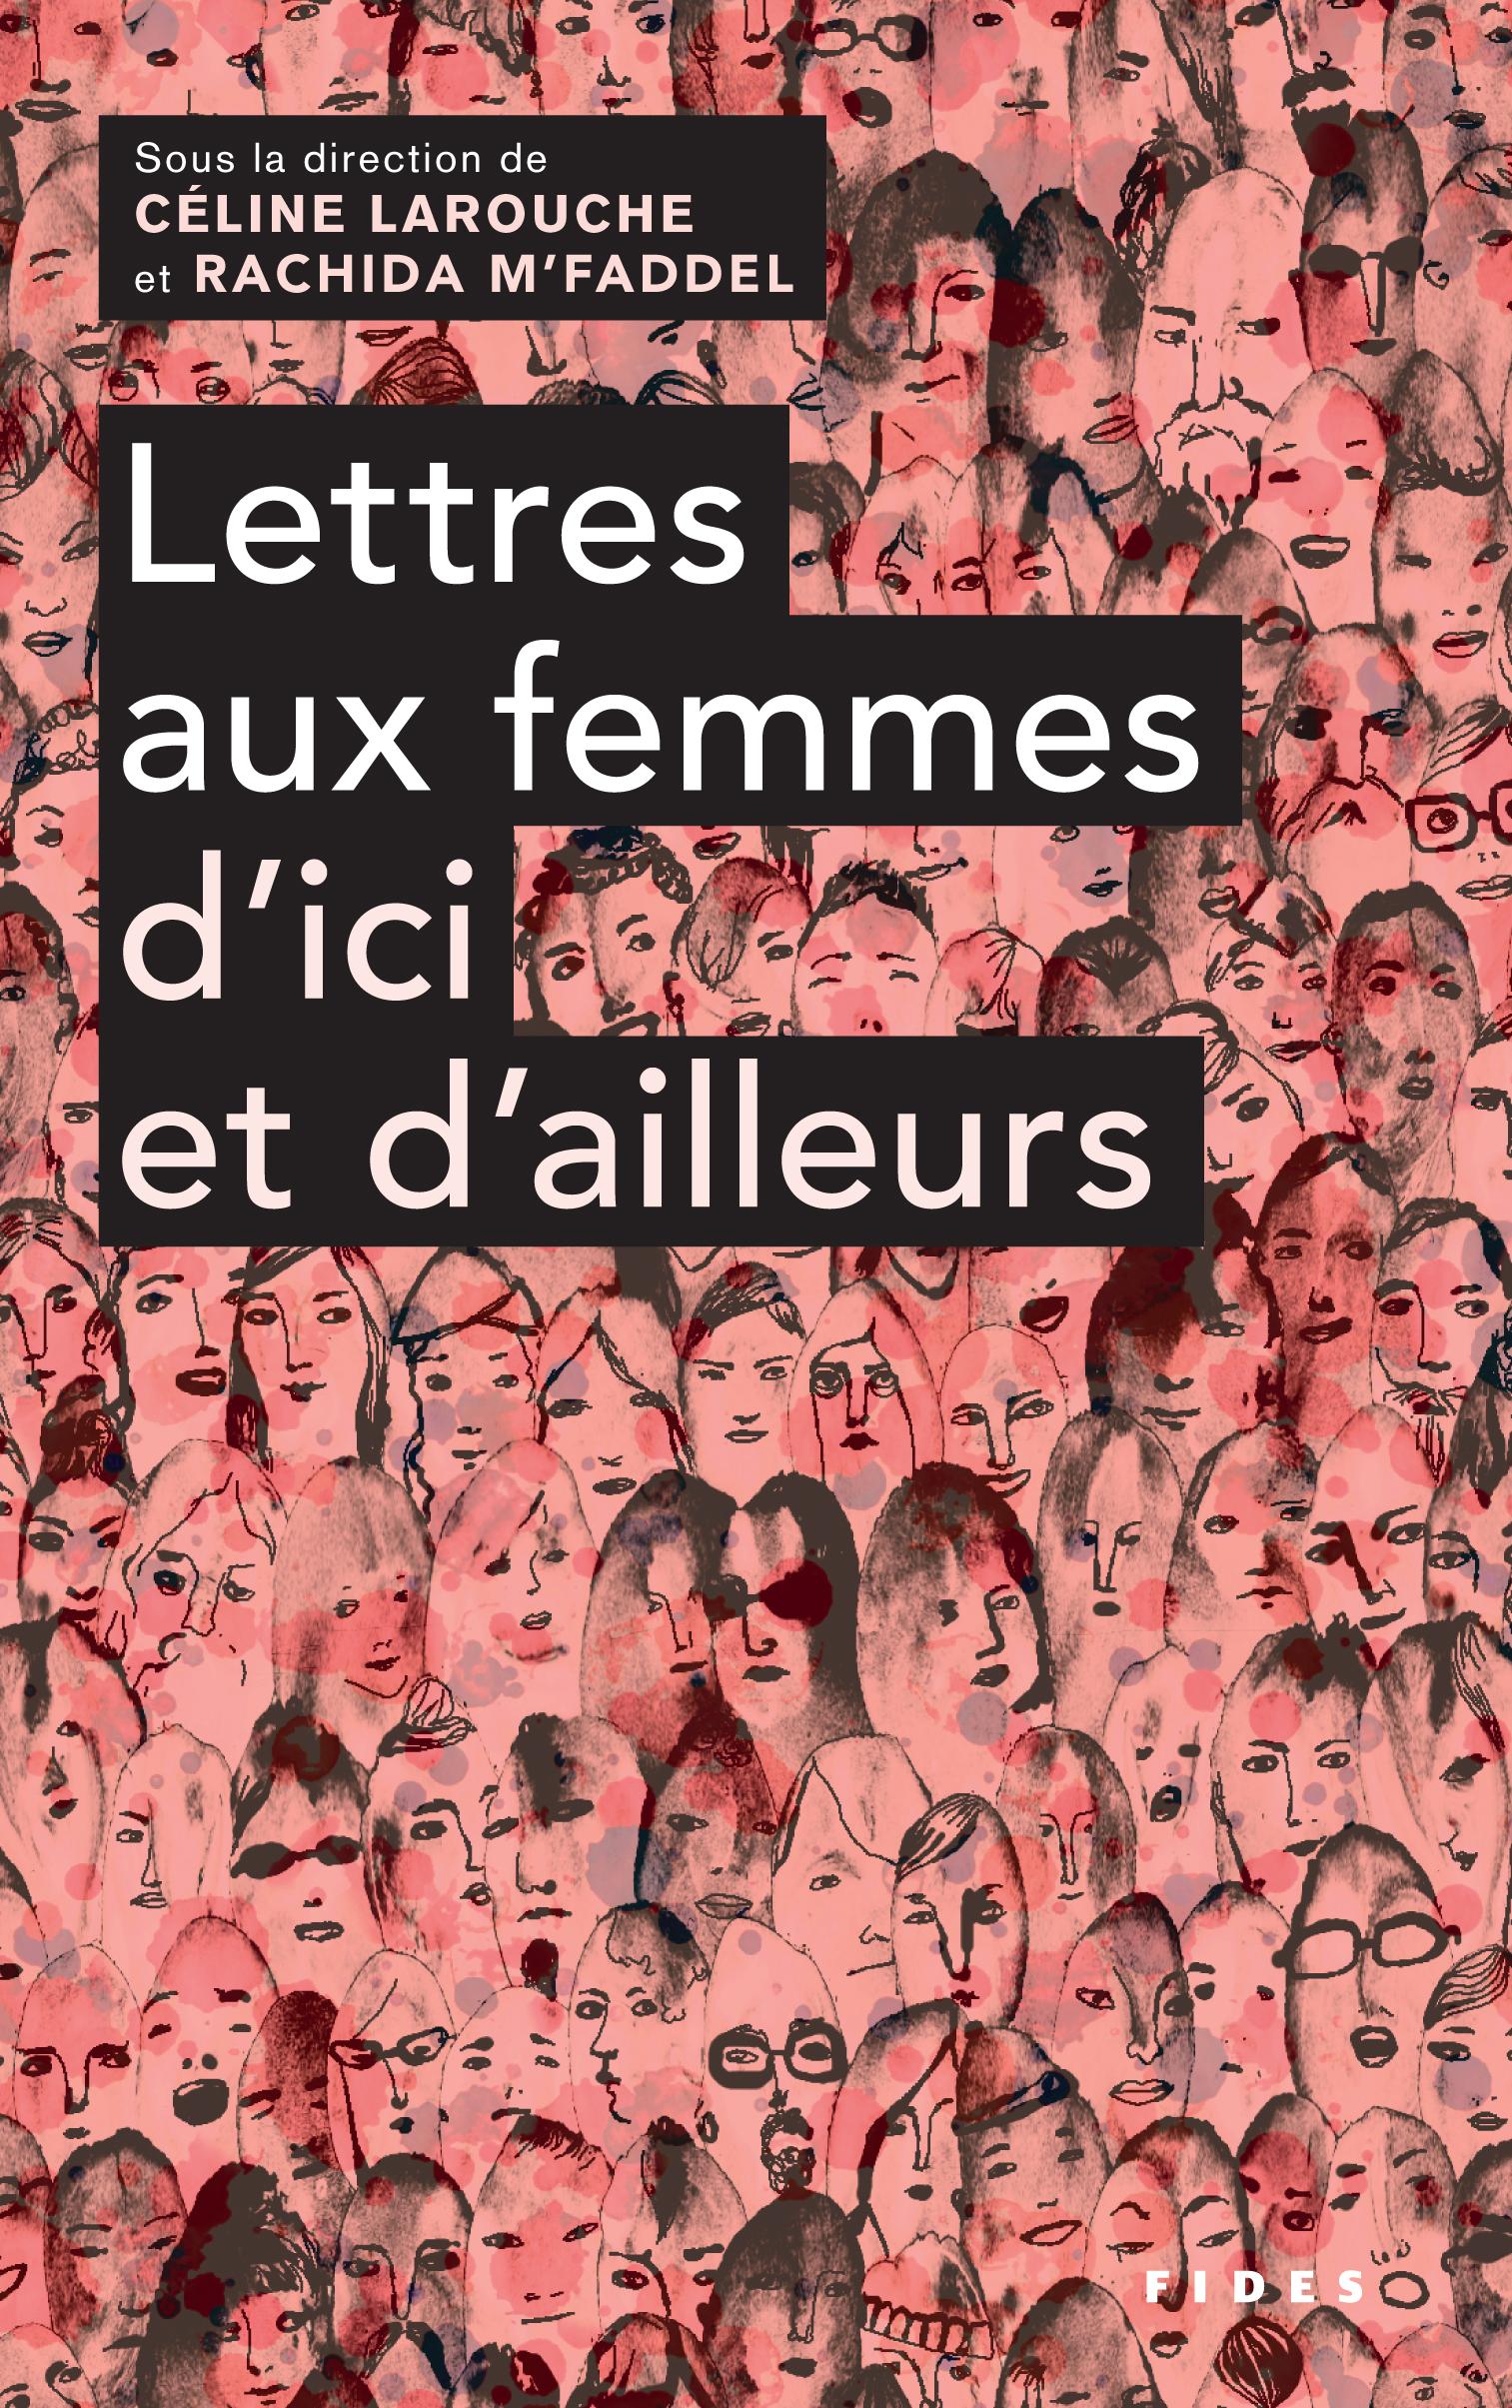 Lettres aux femmes d'ici et d'ailleurs